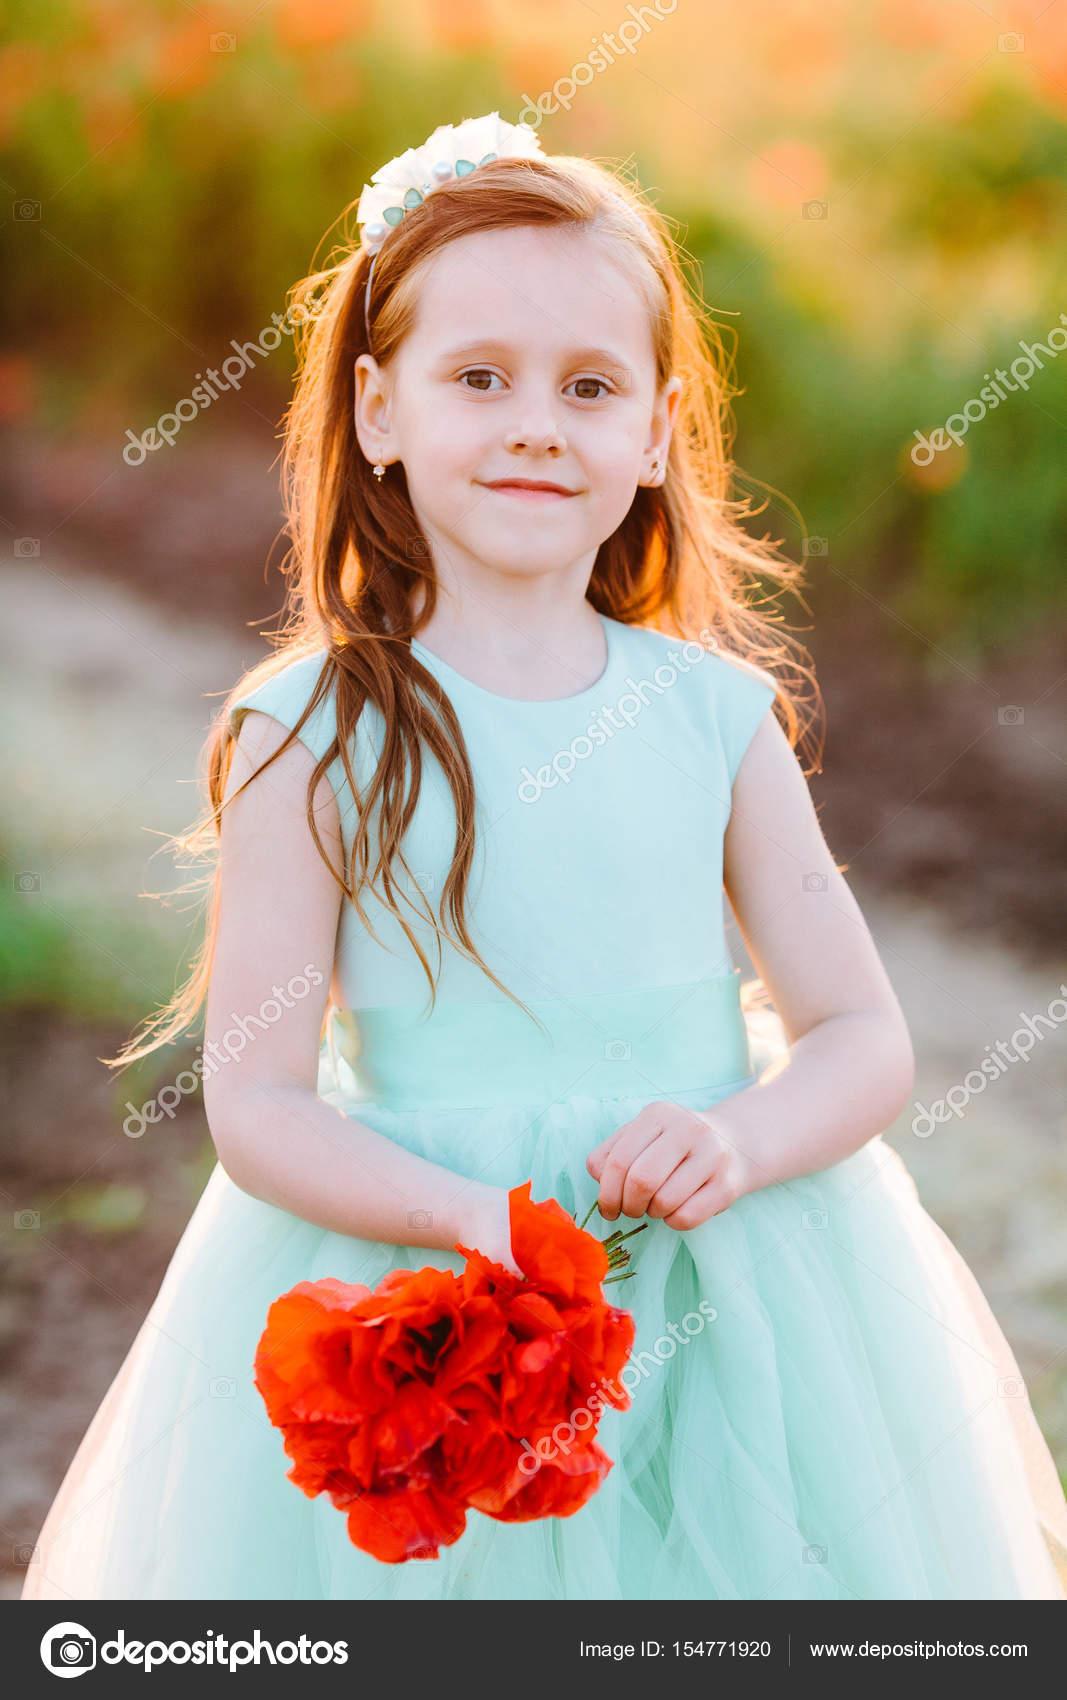 Kindermode, glückliche Kindheit, Hochzeit, Natur-Konzept - Porträt ...